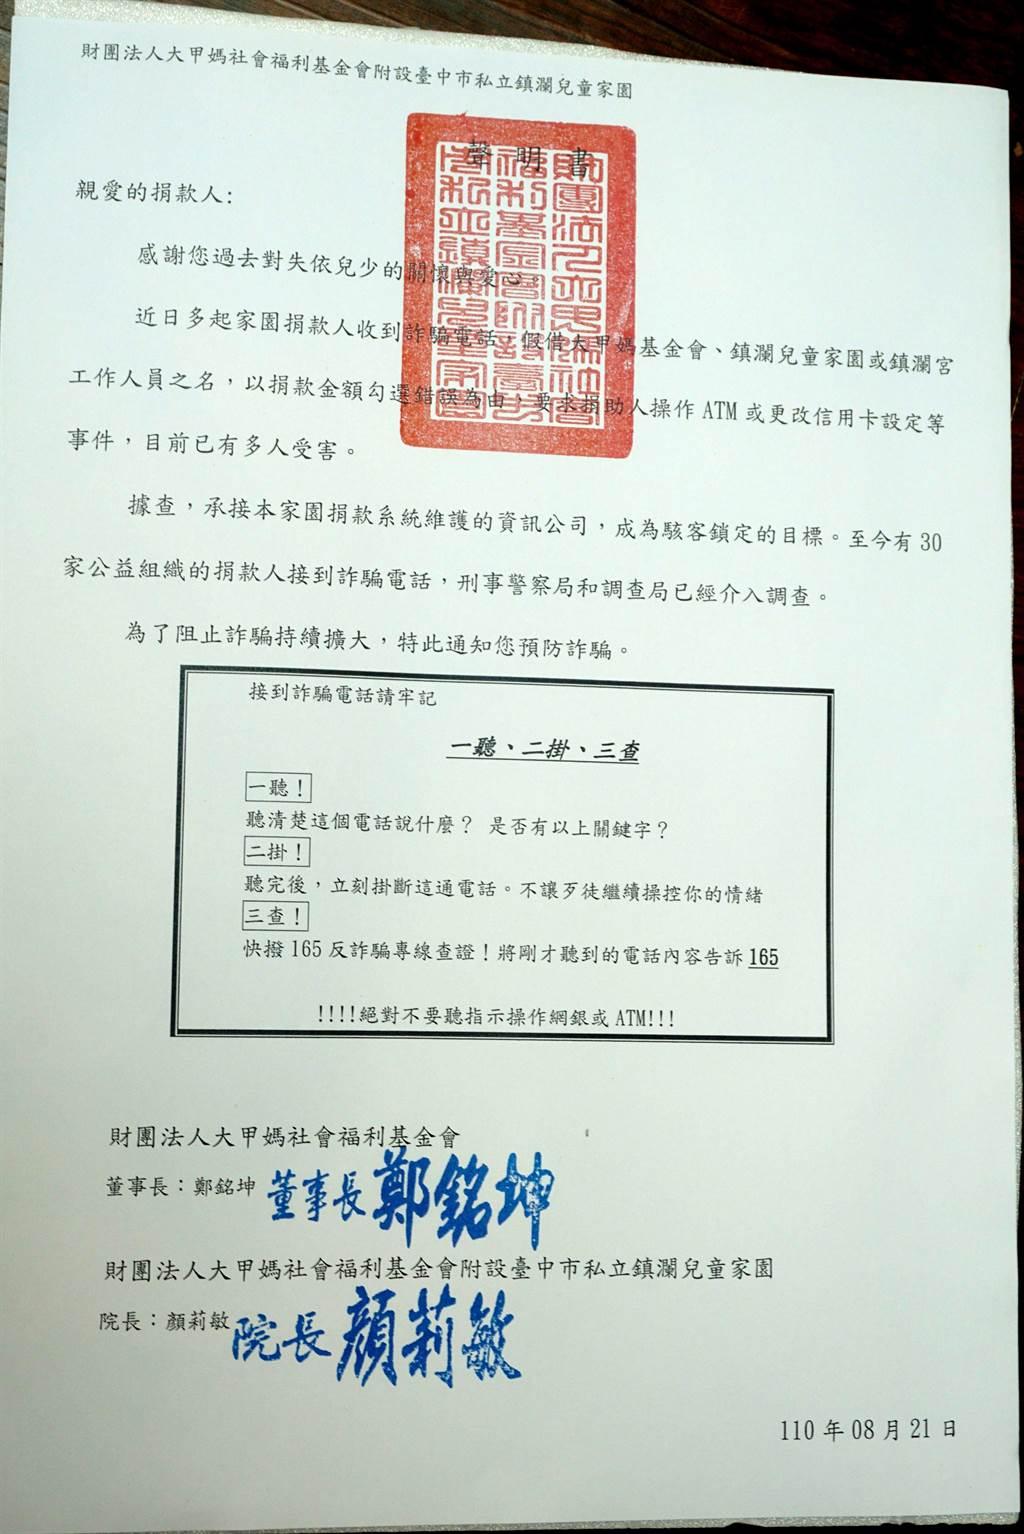 鎮瀾兒童家園將寄發聲明書給上萬名捐助者。(王文吉攝)